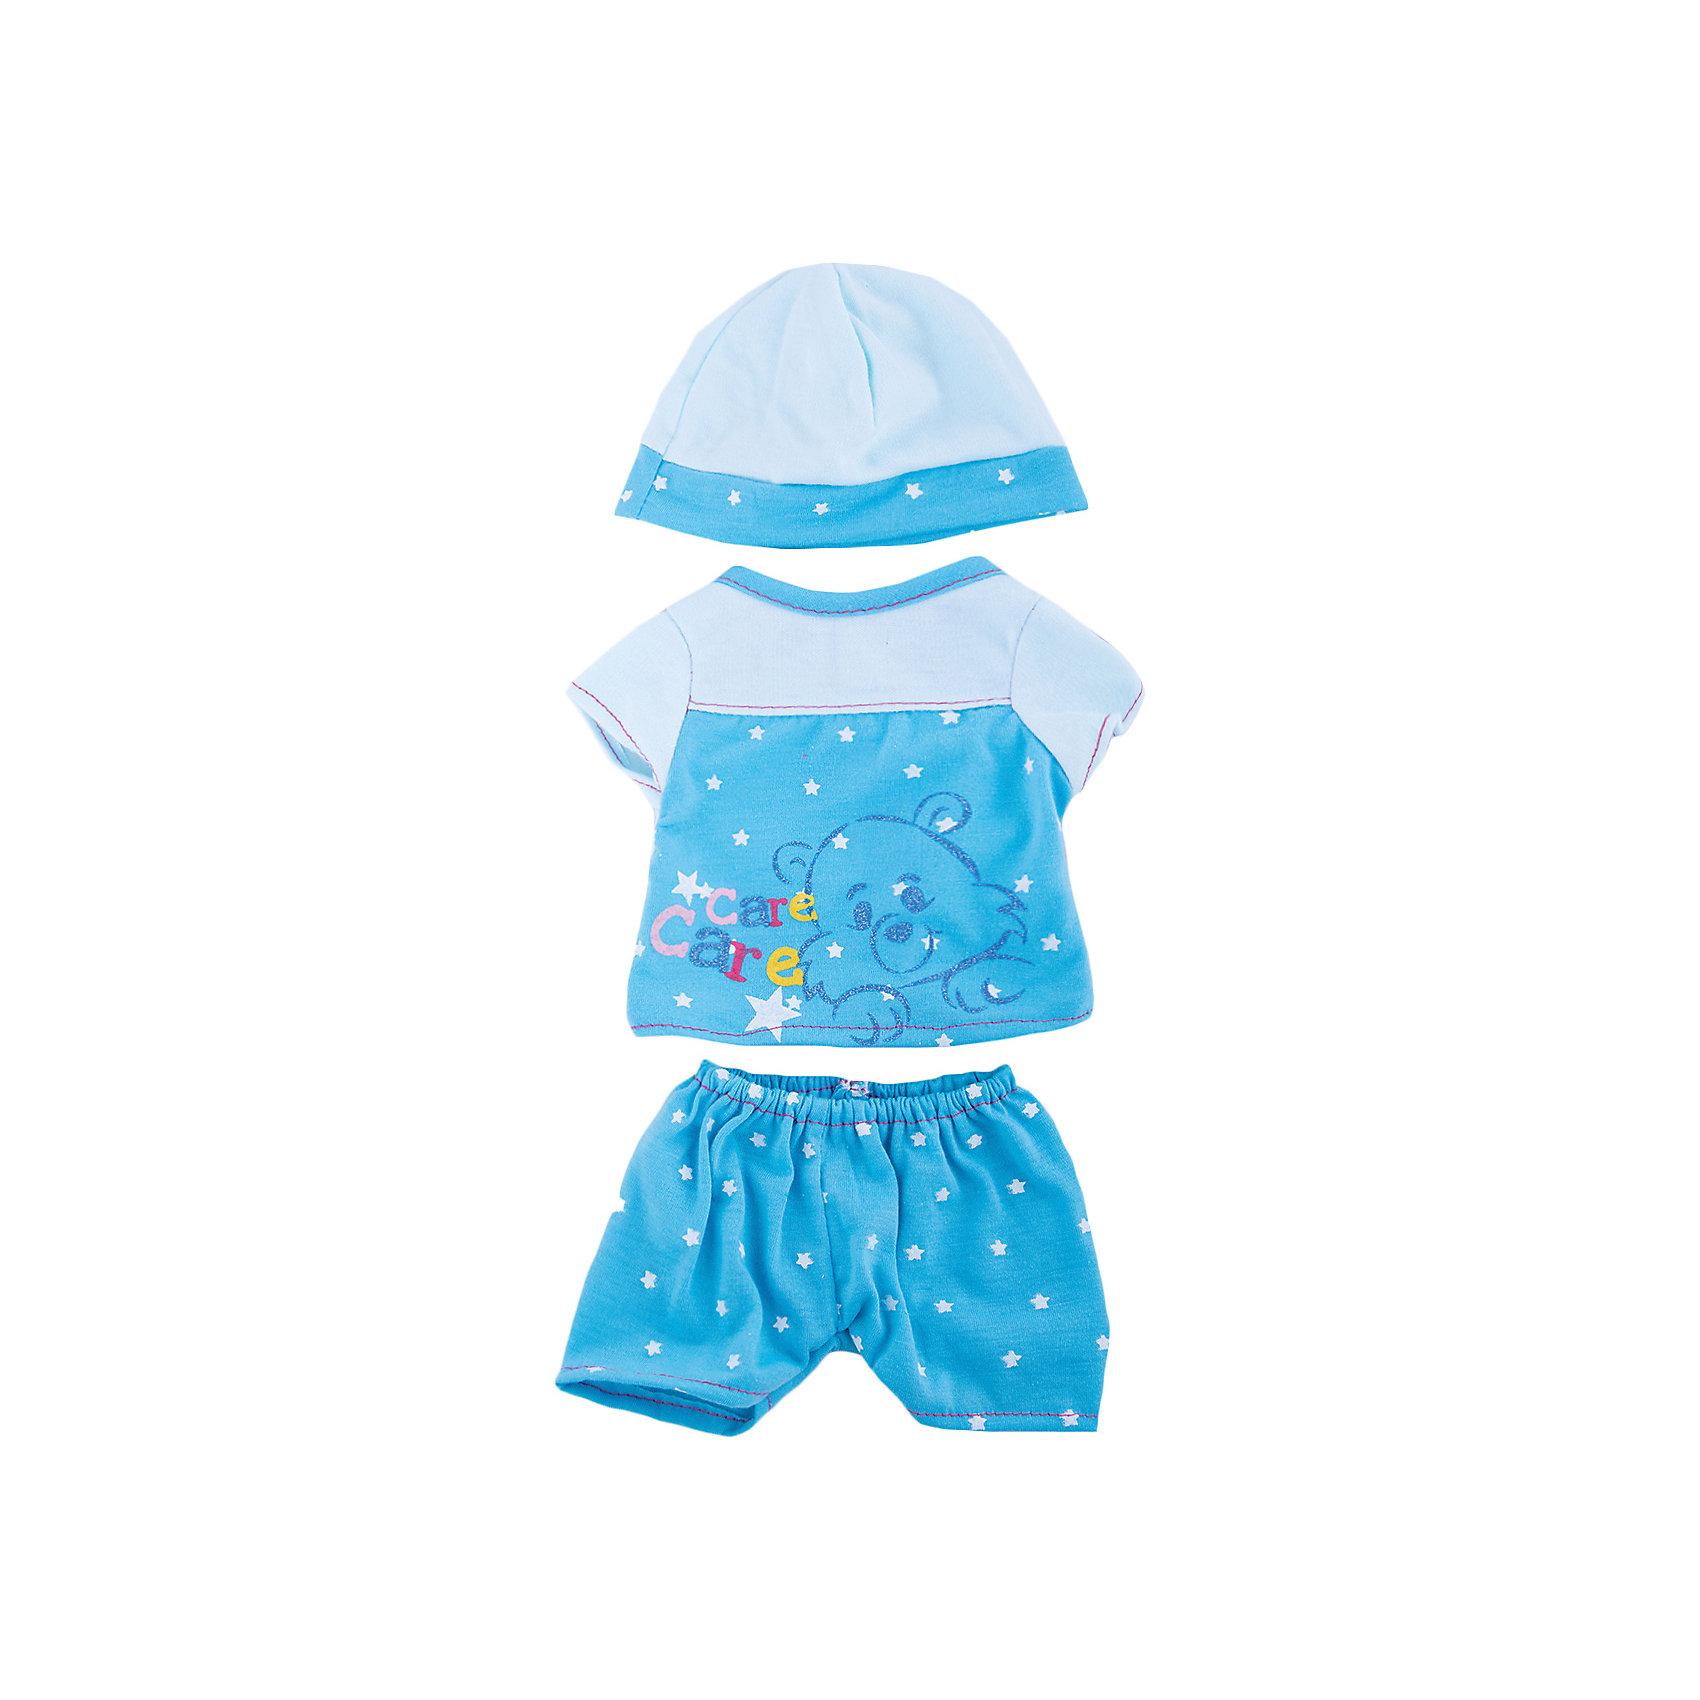 Одежда для кукол Пижама в наборе с шапочкойОдежда для кукол: пижама в наборе с шапочкой, размер: 30x20см, текстильные материалы, от 1 года<br><br>Ширина мм: 300<br>Глубина мм: 200<br>Высота мм: 10<br>Вес г: 521<br>Возраст от месяцев: 36<br>Возраст до месяцев: 144<br>Пол: Женский<br>Возраст: Детский<br>SKU: 4896511